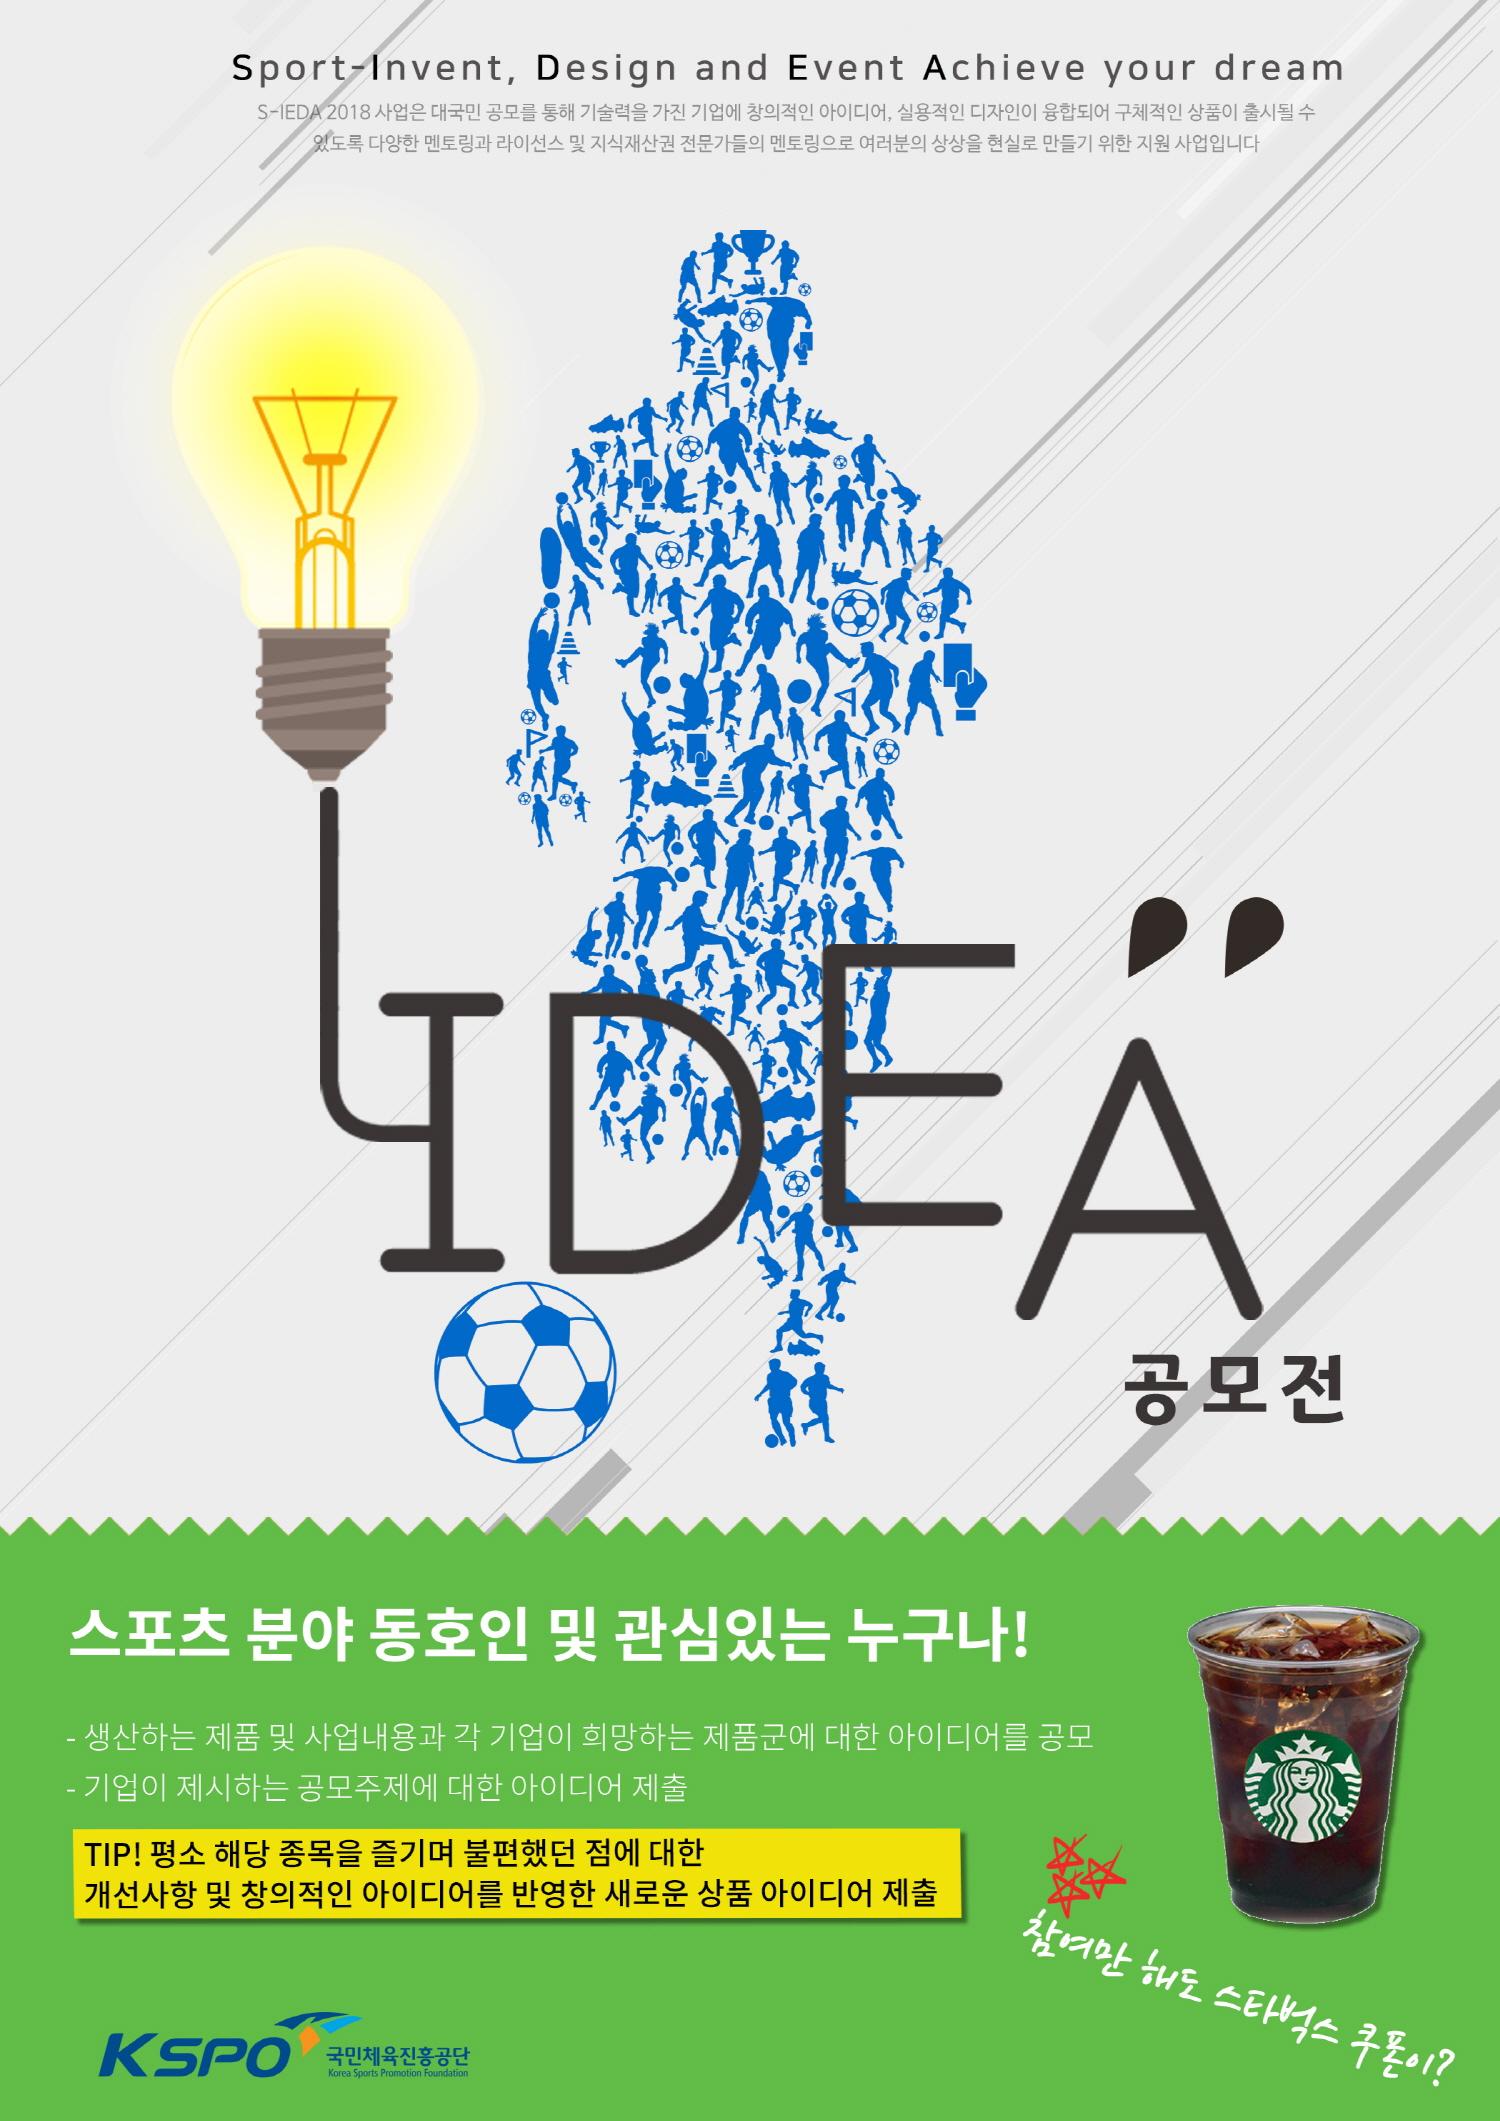 S-IDEA 2018 스포츠 아이디어 공모전